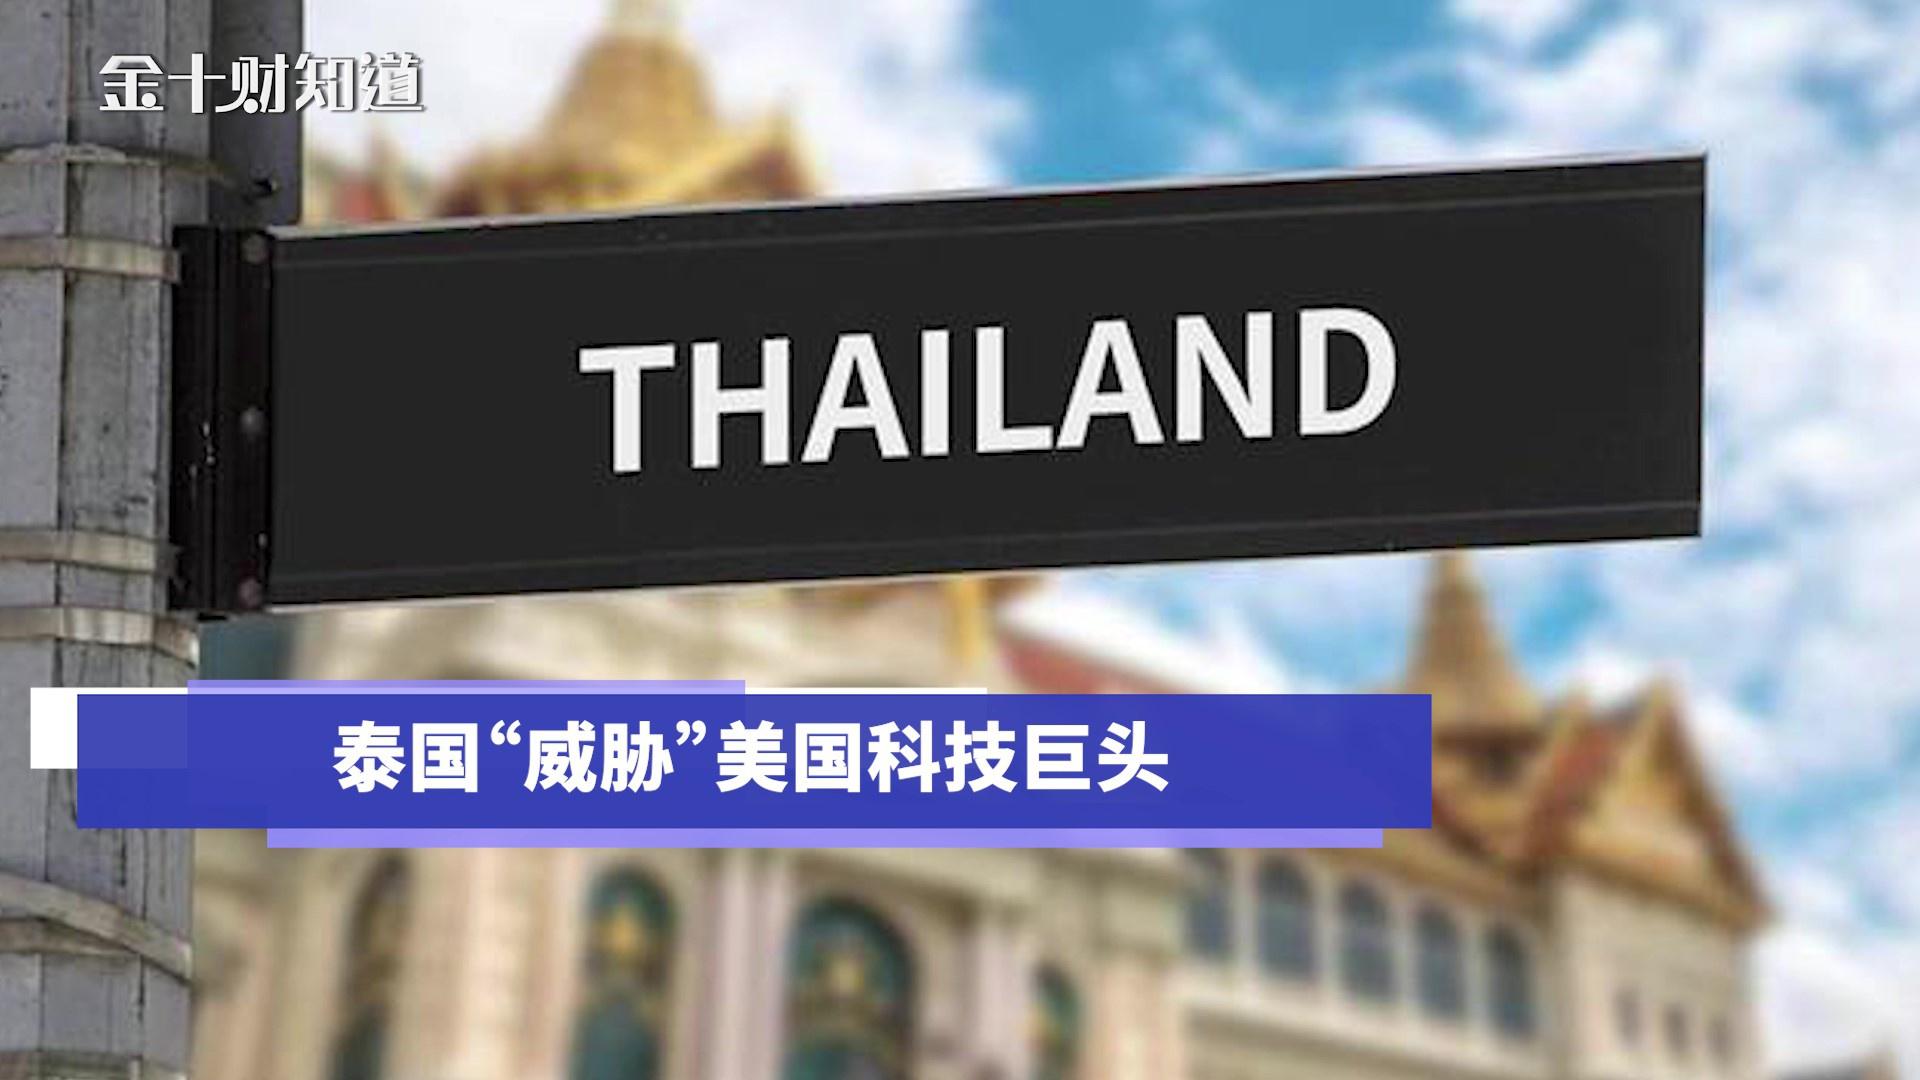 """紧跟澳大利亚,泰国也""""威胁""""美国科技巨头!最高罚款44708元"""